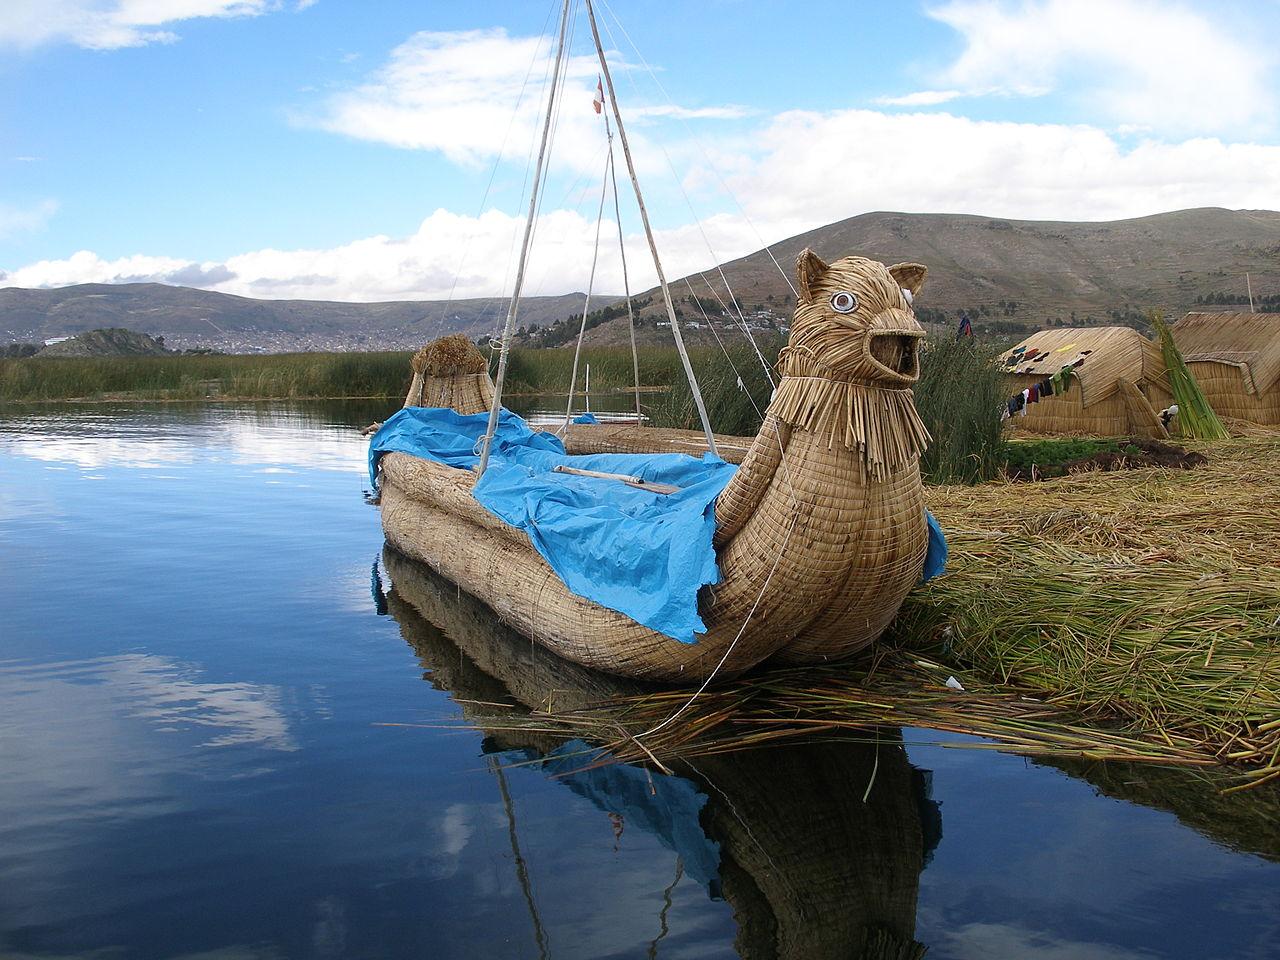 lago Titicaca, Peru Bolivia